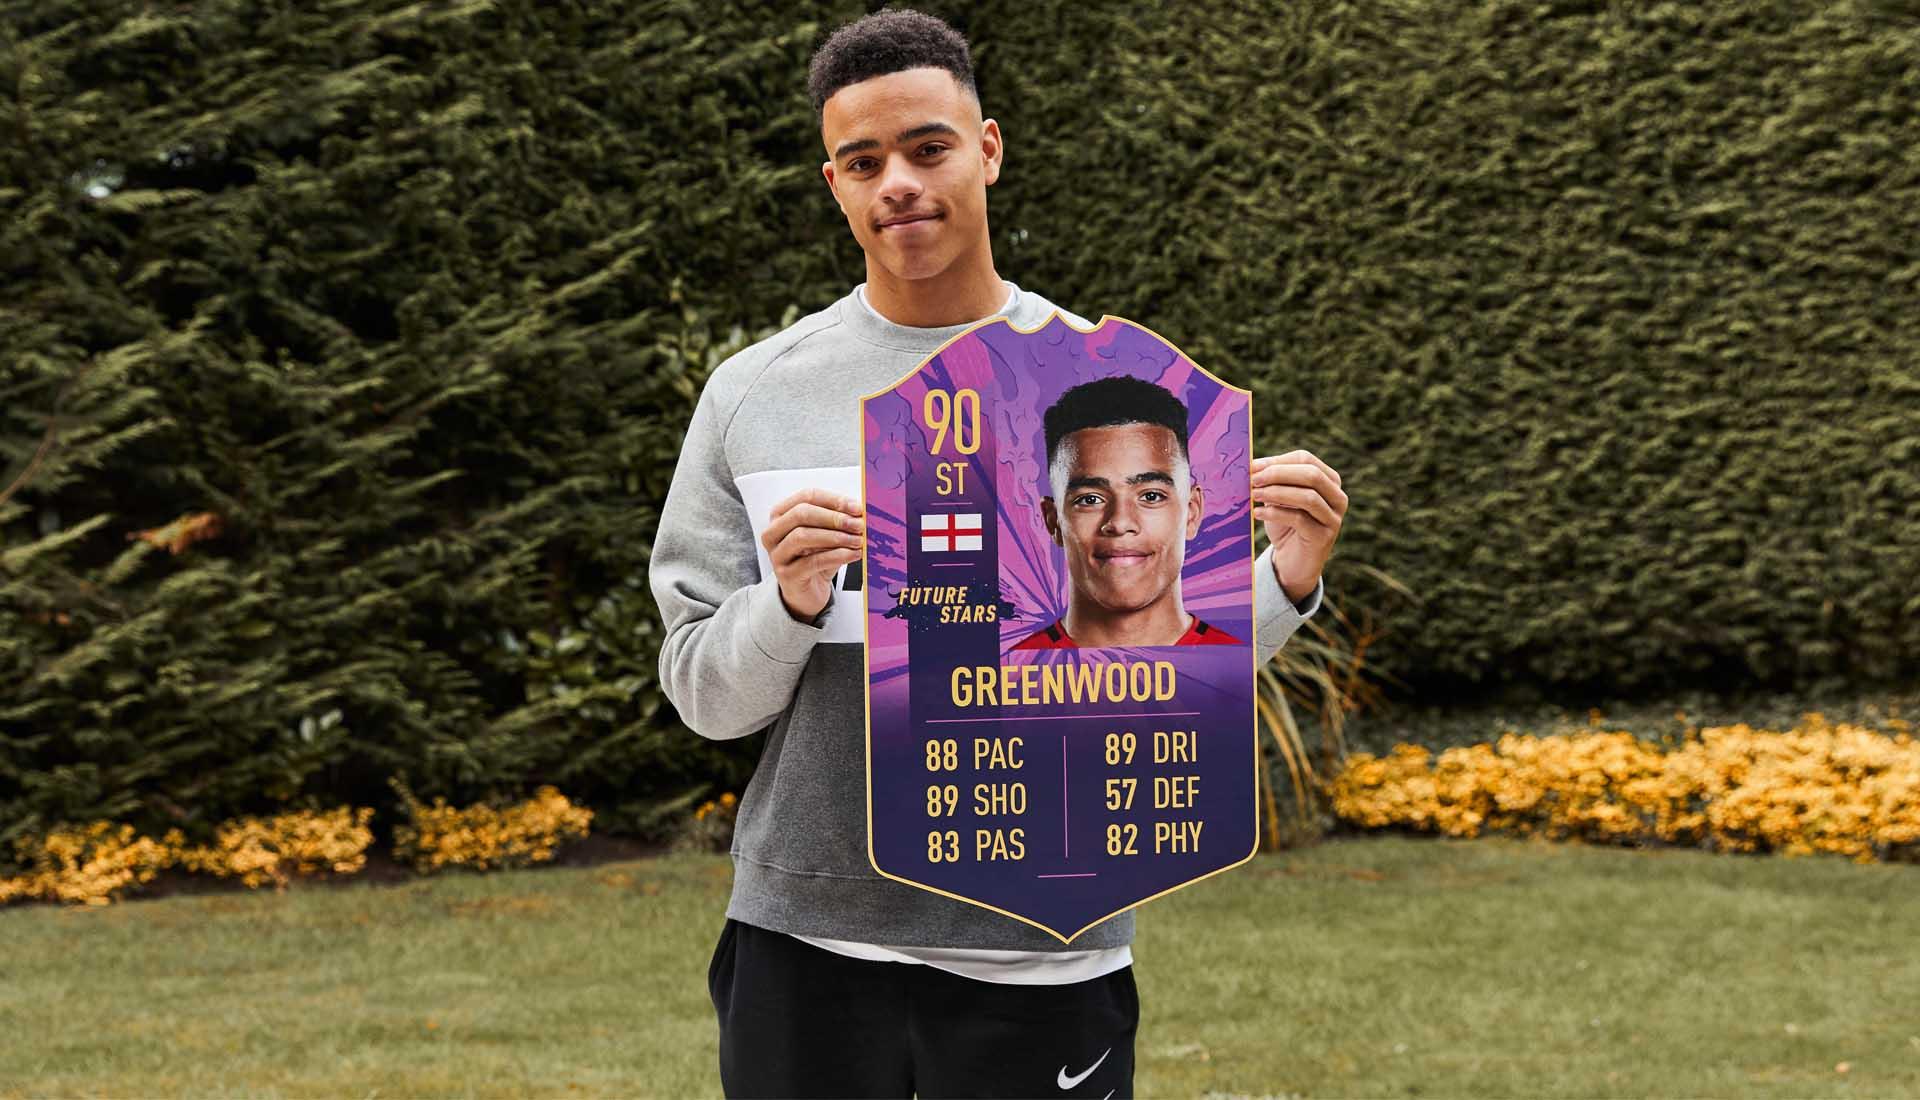 格林伍德:很高兴入选FIFA未来之星,我会把自己排进阵容